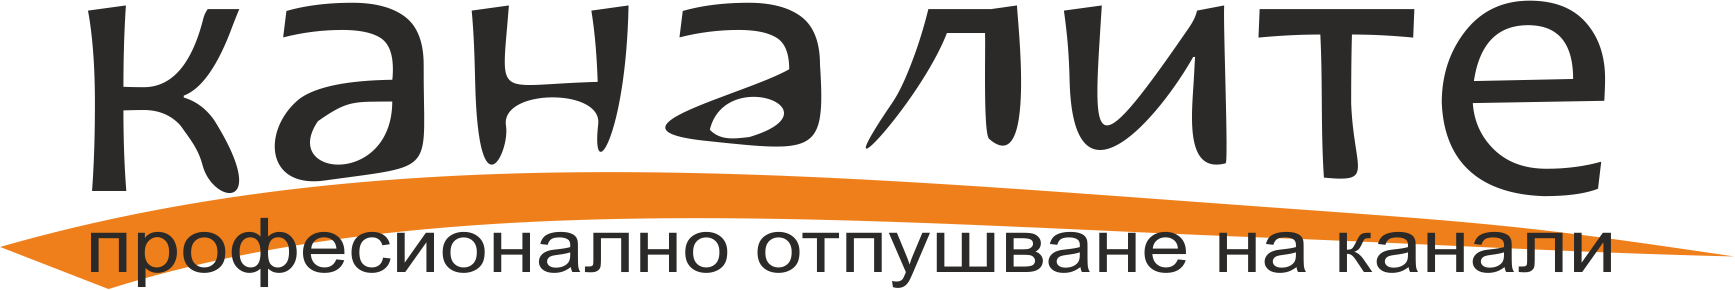 Каналите – отпушване на канали в София